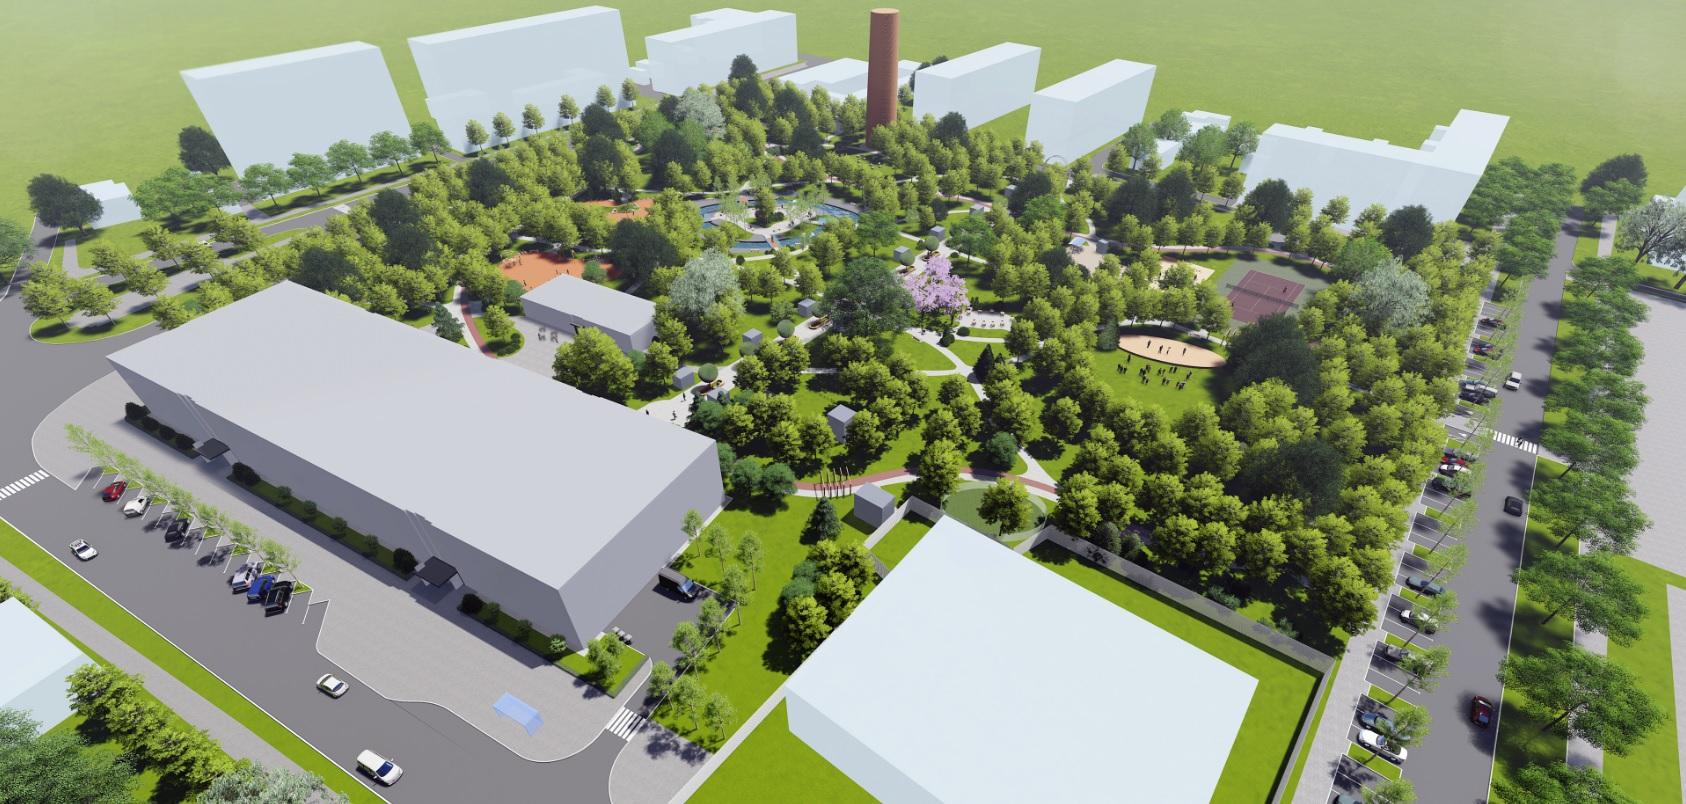 У Фастові оприлюднили проєкт реконструкції міського парку імені Гагаріна - Фастів, реконструкція, парк імені Гагаріна - Park16